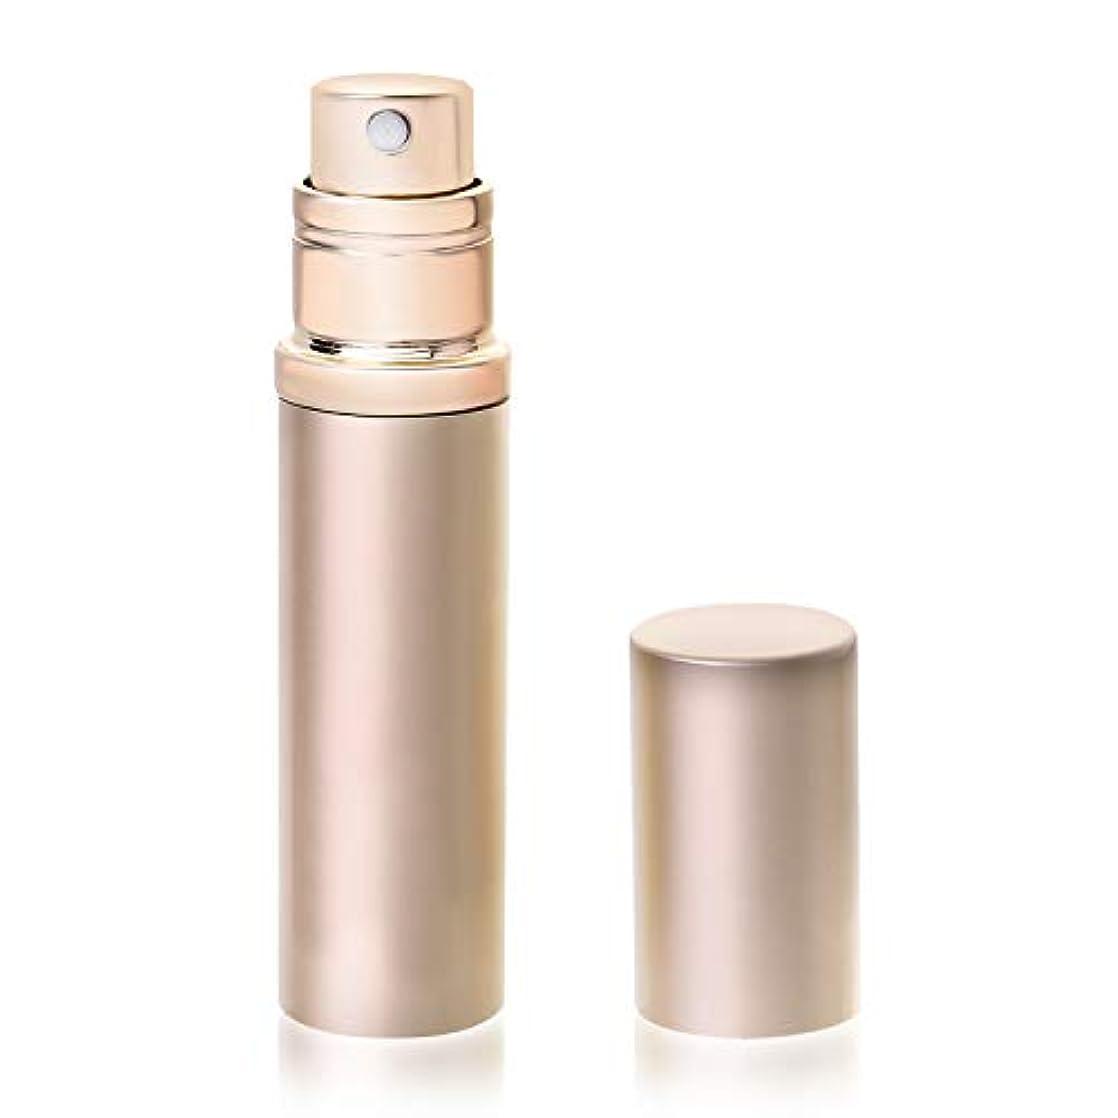 たまに倒錯奨励アトマイザ- 香水 容器 詰め替え クイック 携帯用 詰め替え 香水用 ワンタッチ補充 ポータブル 香水噴霧器 香水スプレー シャンパンゴールド YOOMARO